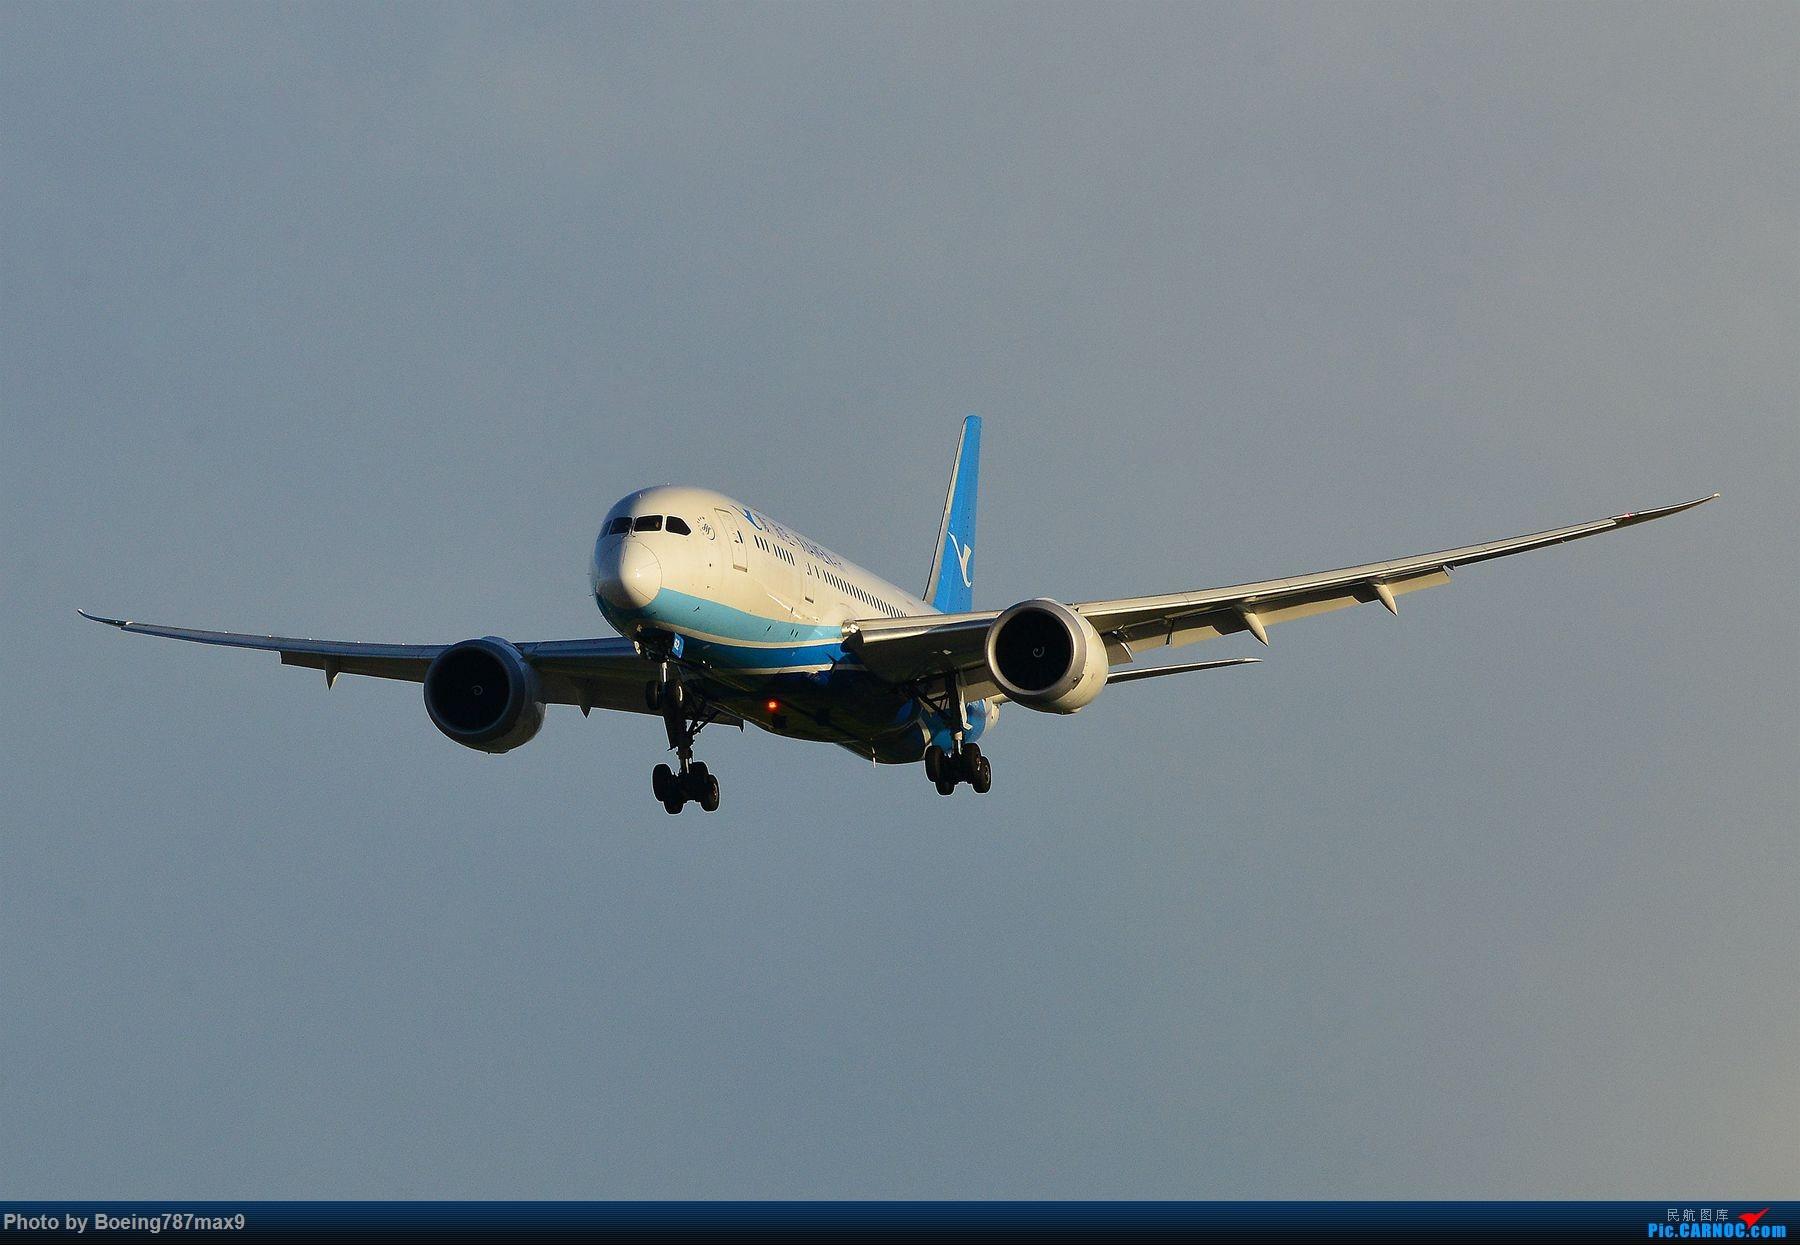 [原创]【PEK】雨后天晴+超级震撼=厦门航空787-8 Dreamliner[1800*高清大图] BOEING 787-8 B-2762 中国北京首都国际机场